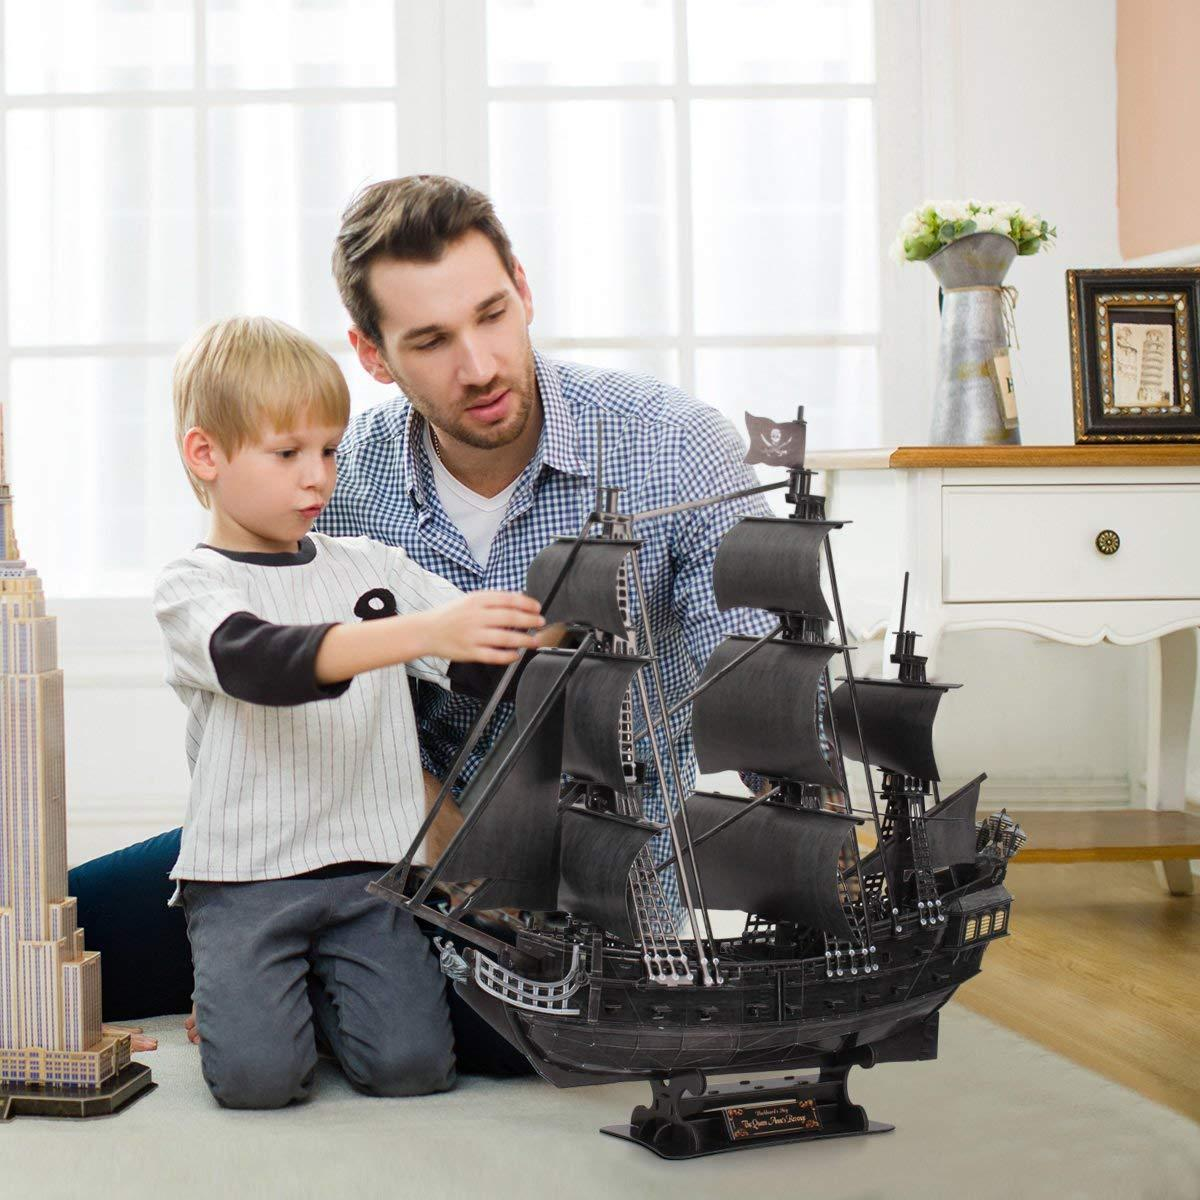 Корабль 3Д-пазл Месть королевы Анны - фото 3